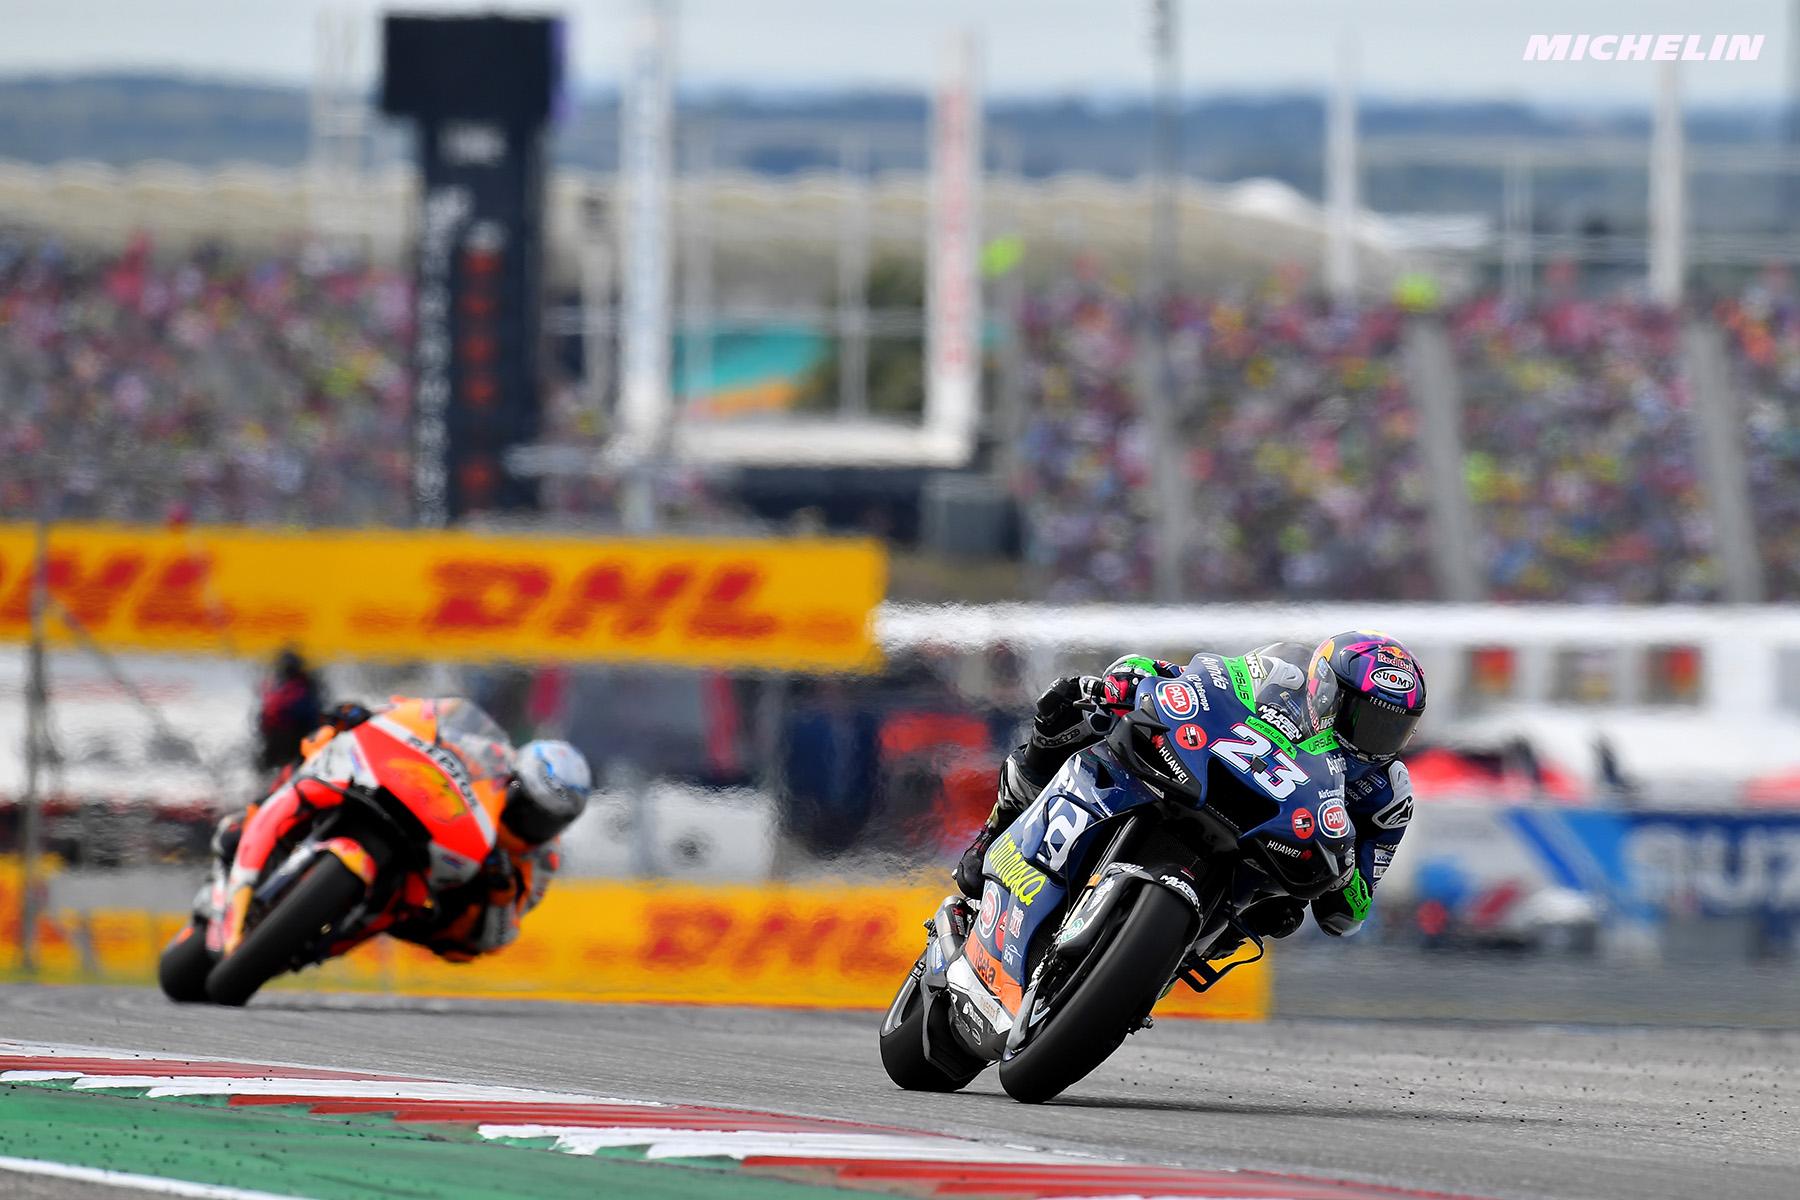 MotoGP2021アメリカズGP 6位エネア・バスティアニーニ「MotoGPはスムーズに操縦することが重要」